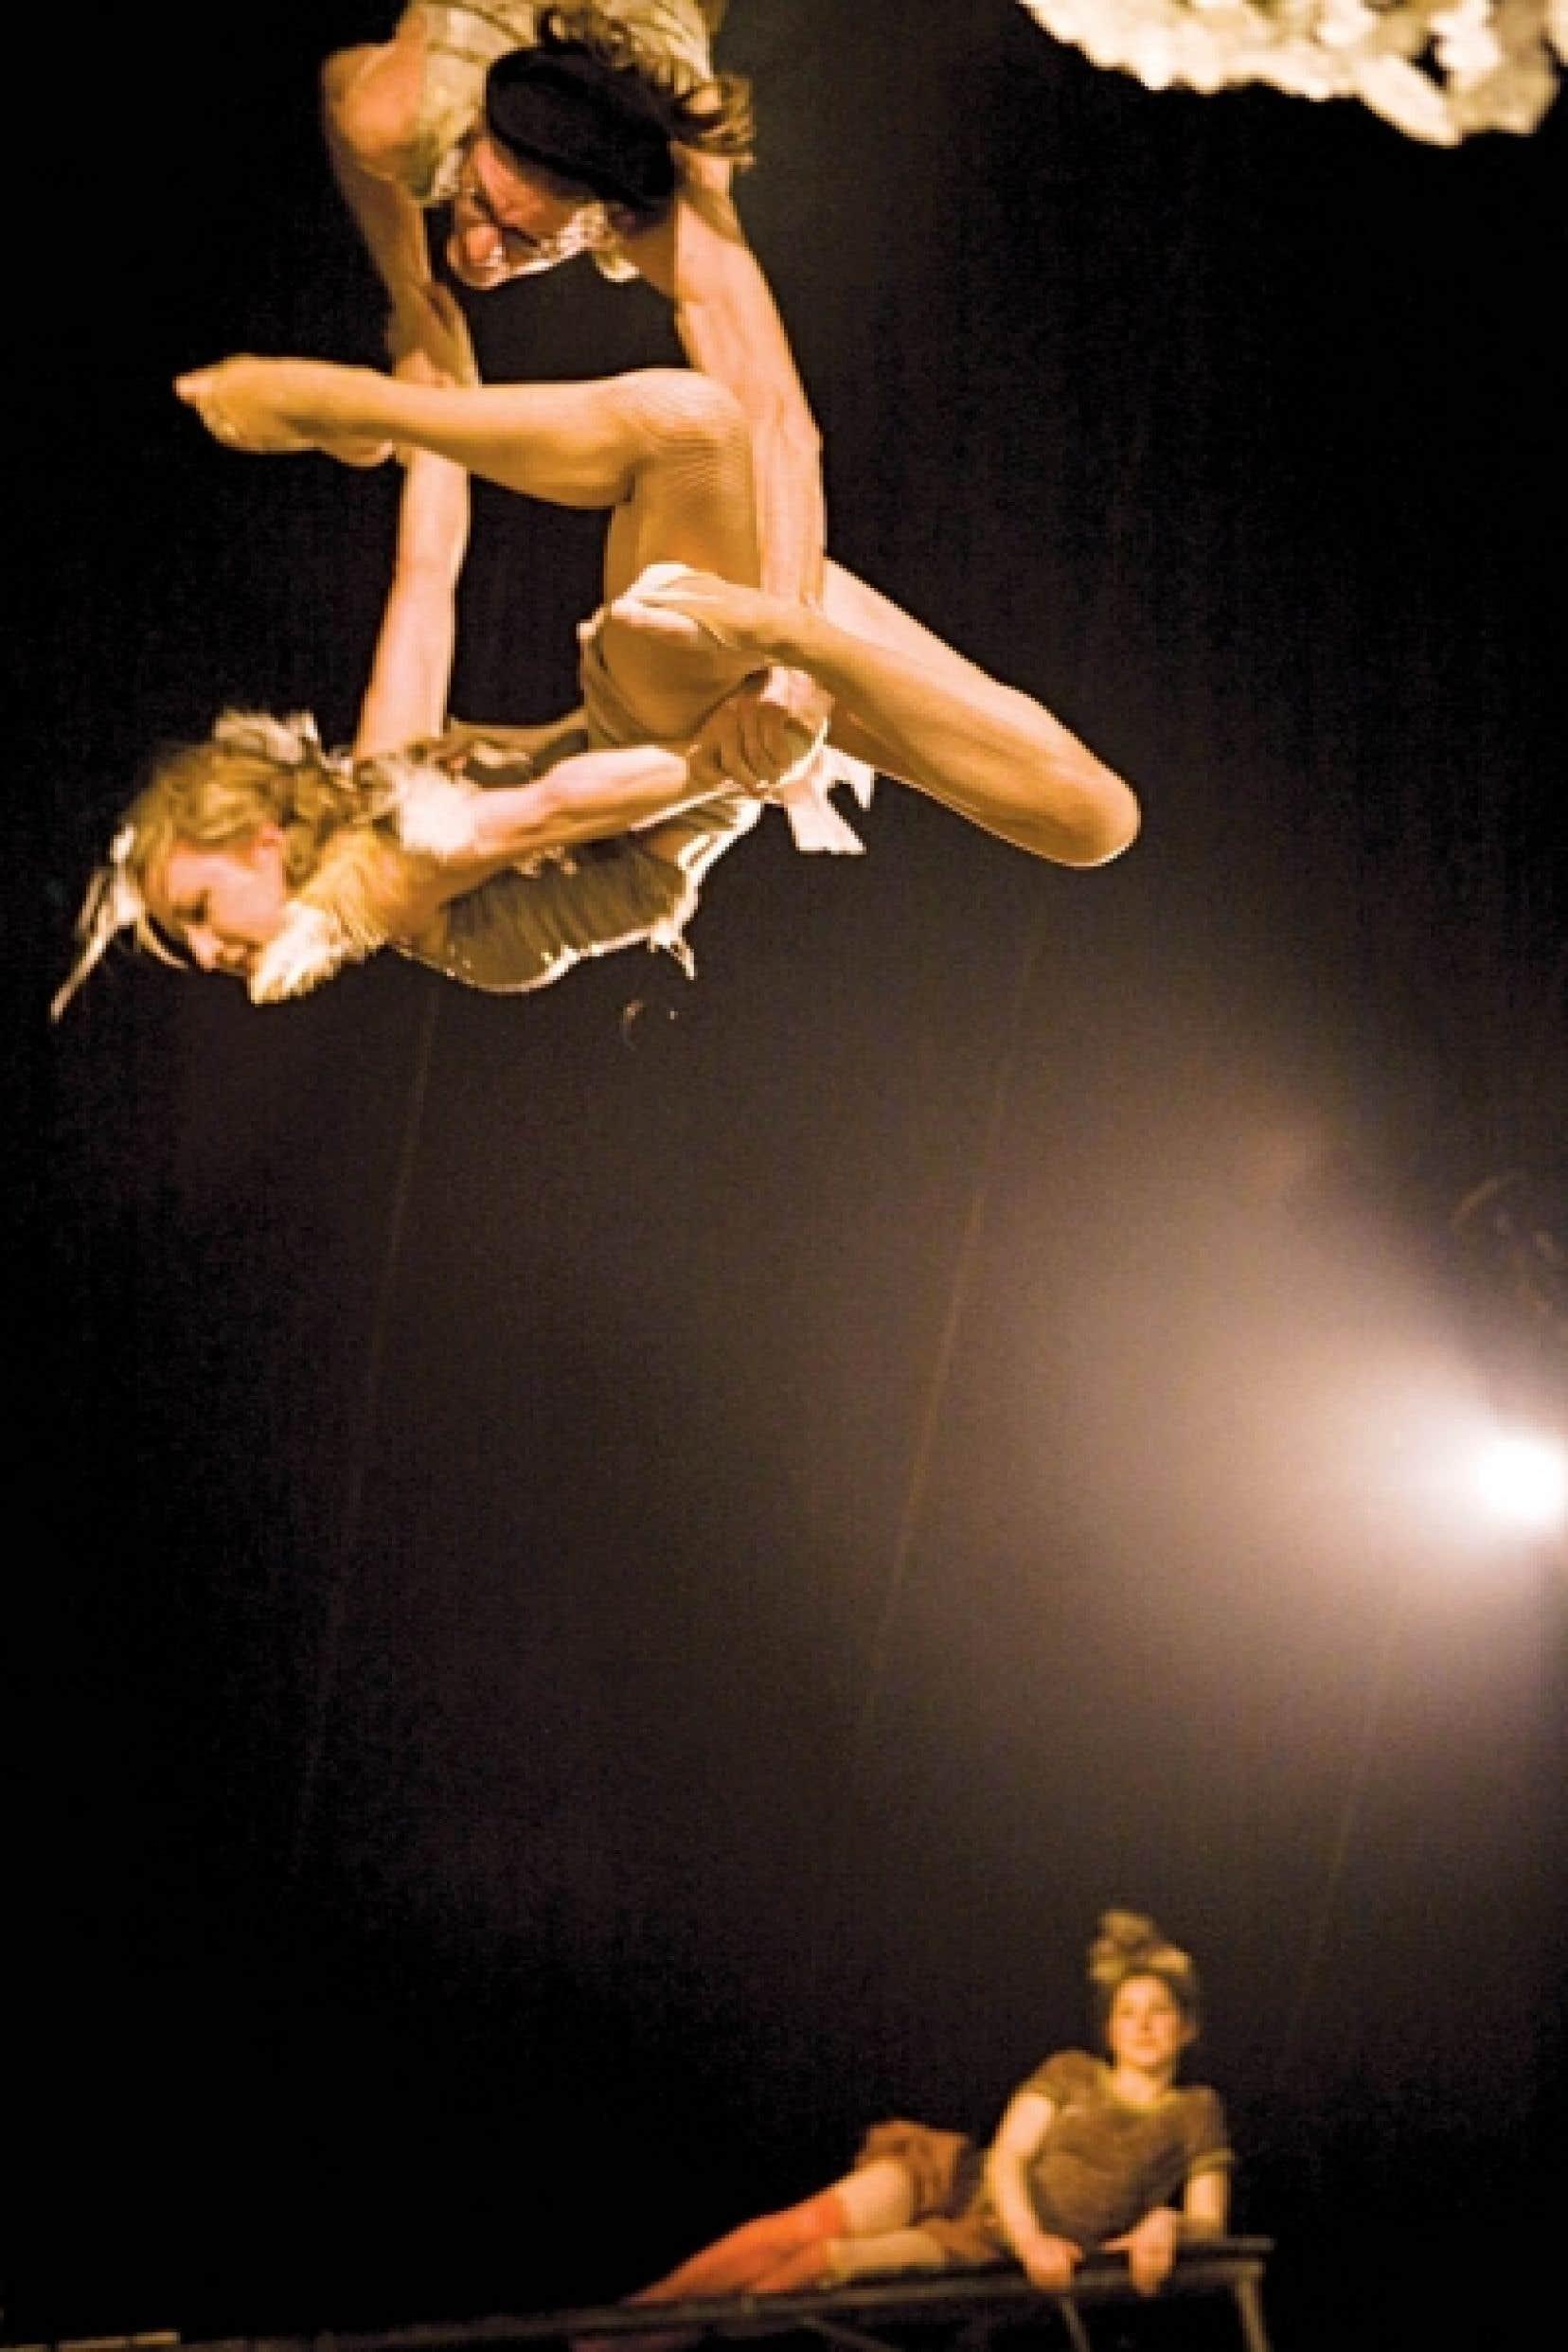 Des acrobates de la famille française Rasposo, dont le spectacle sera présenté tout au long du festival Montréal complètement cirque.<br />